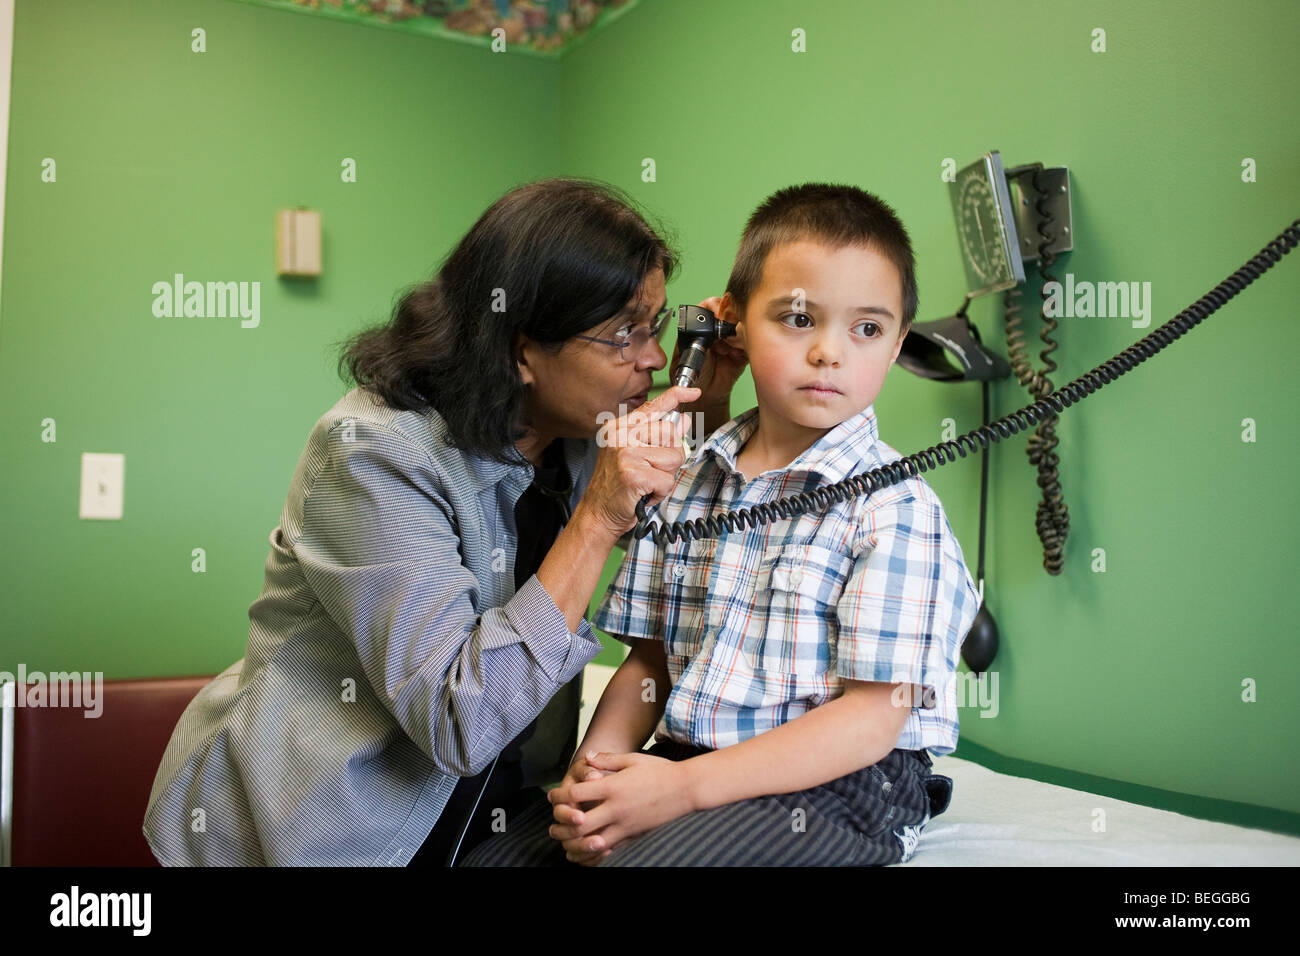 Niño de 5 años obteniendo un examen en el consultorio Imagen De Stock